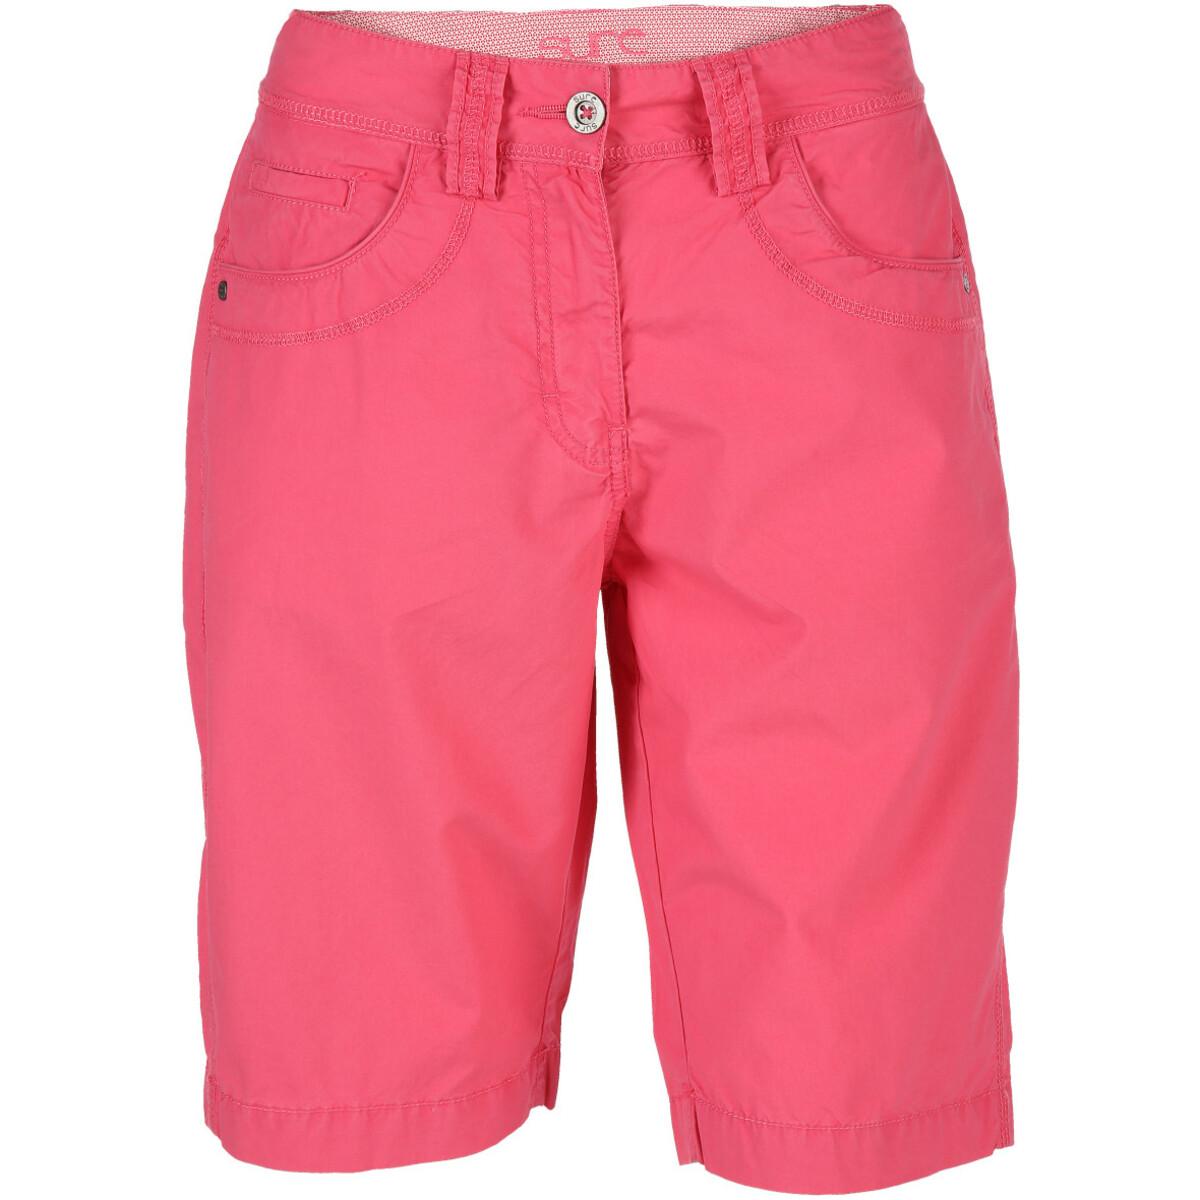 Bild 1 von Damen Shorts in sommerlicher Farbe